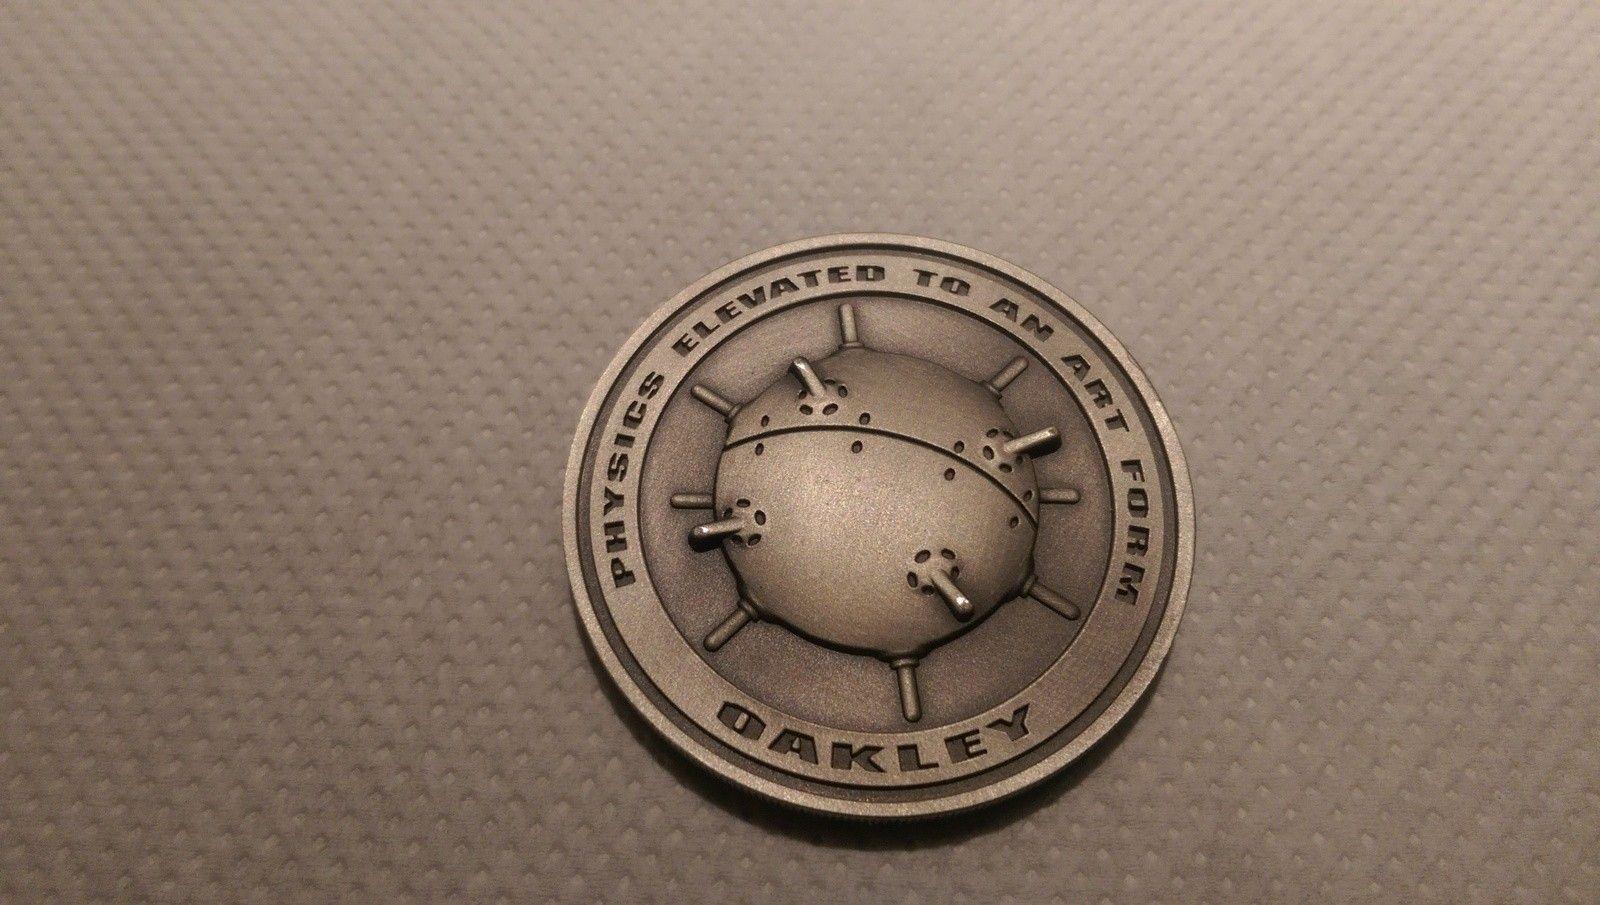 XX newer version small coin - uploadfromtaptalk1450077164862.jpg